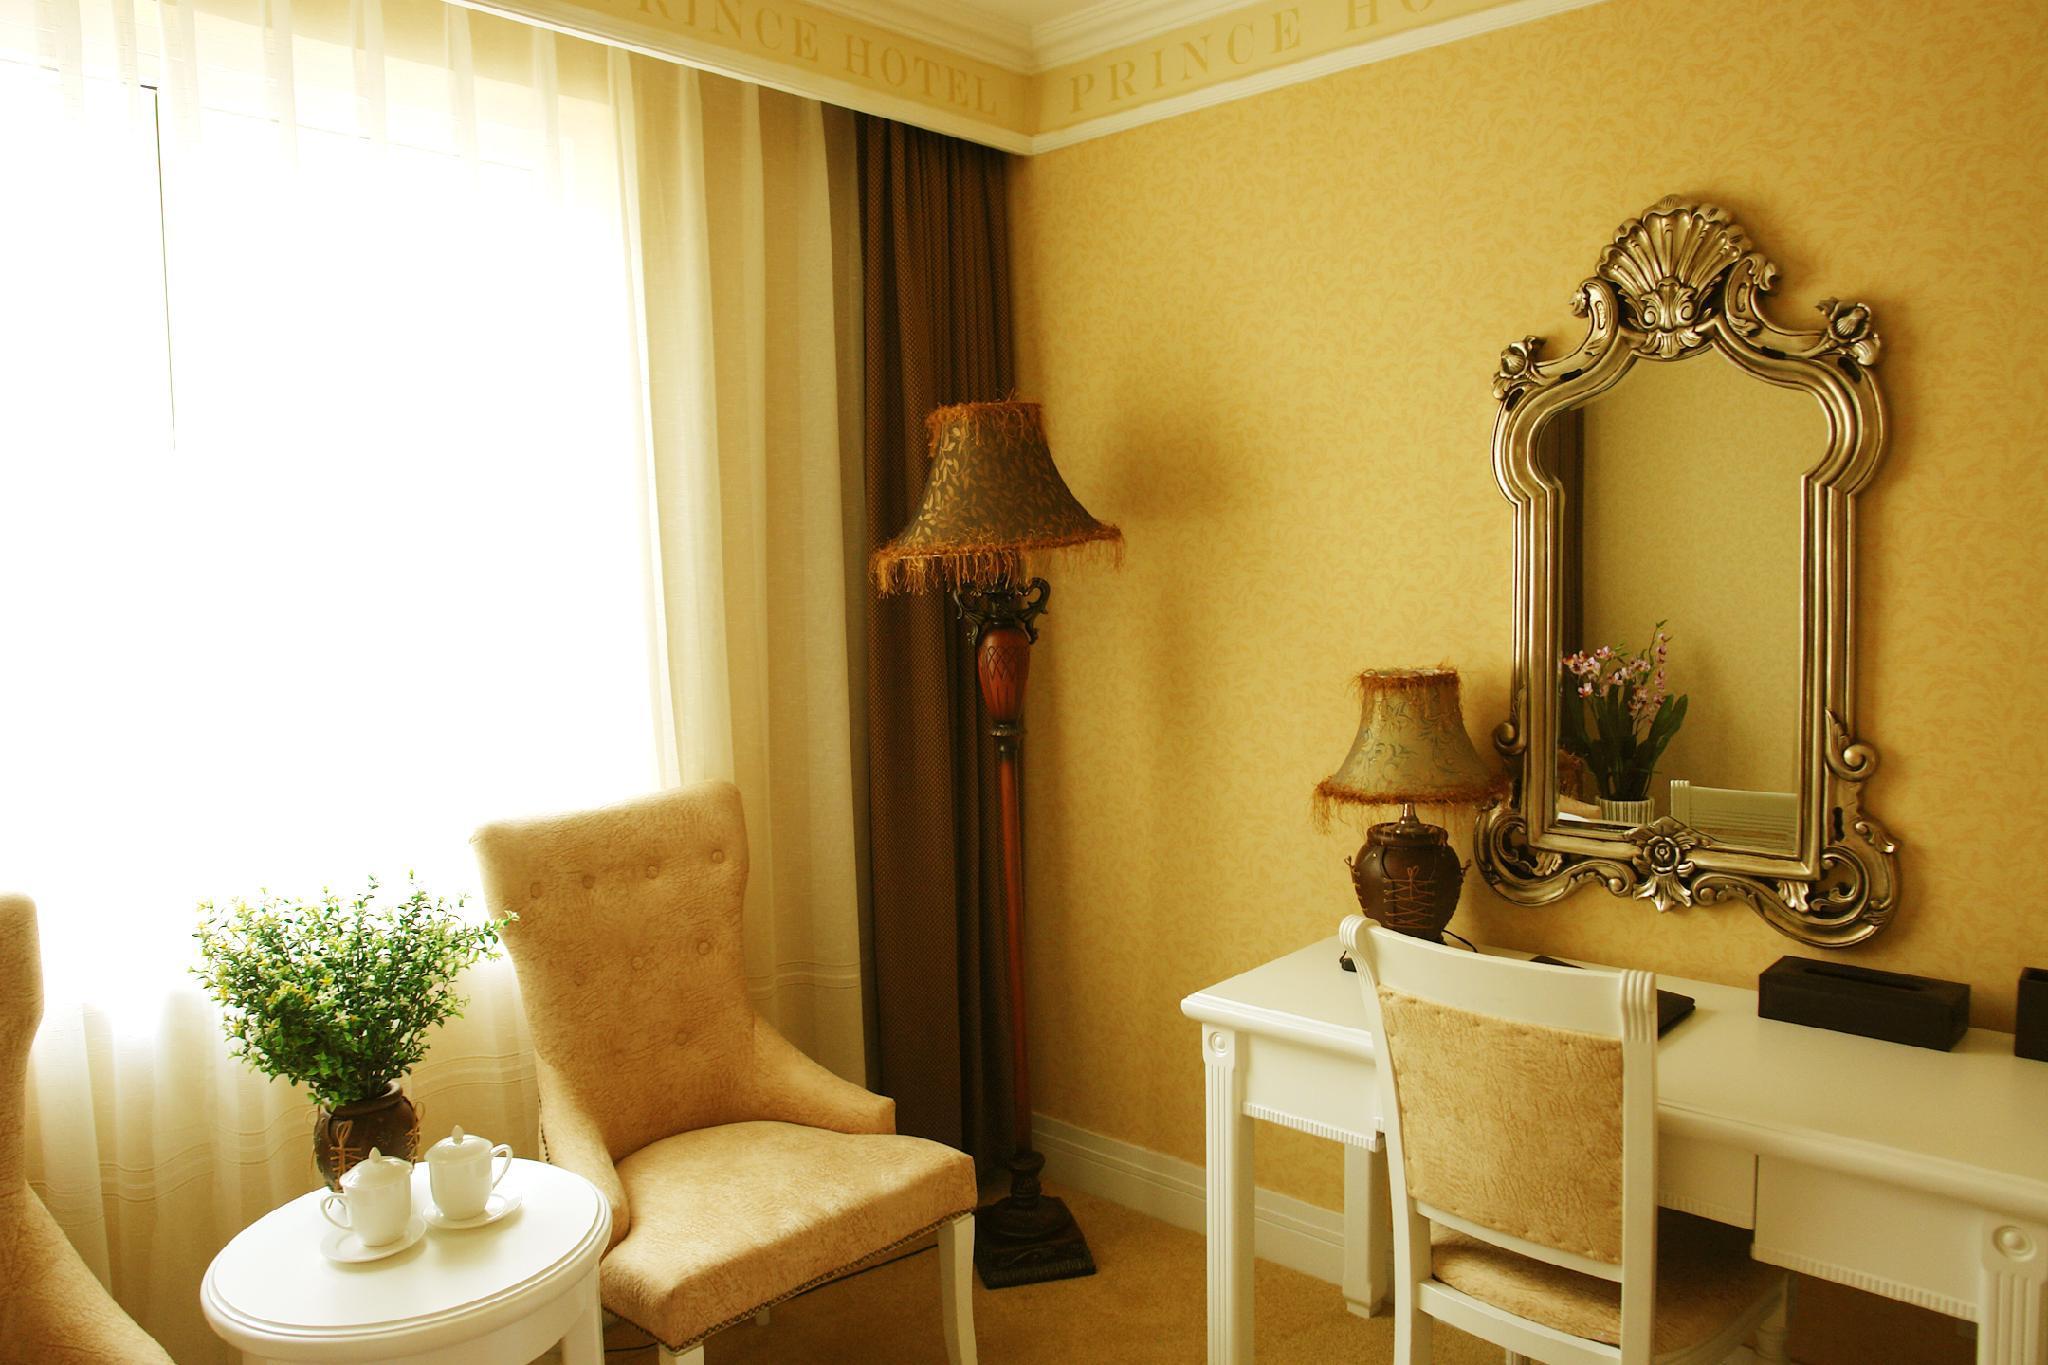 Zhanqiao Prince Hotel, Qingdao